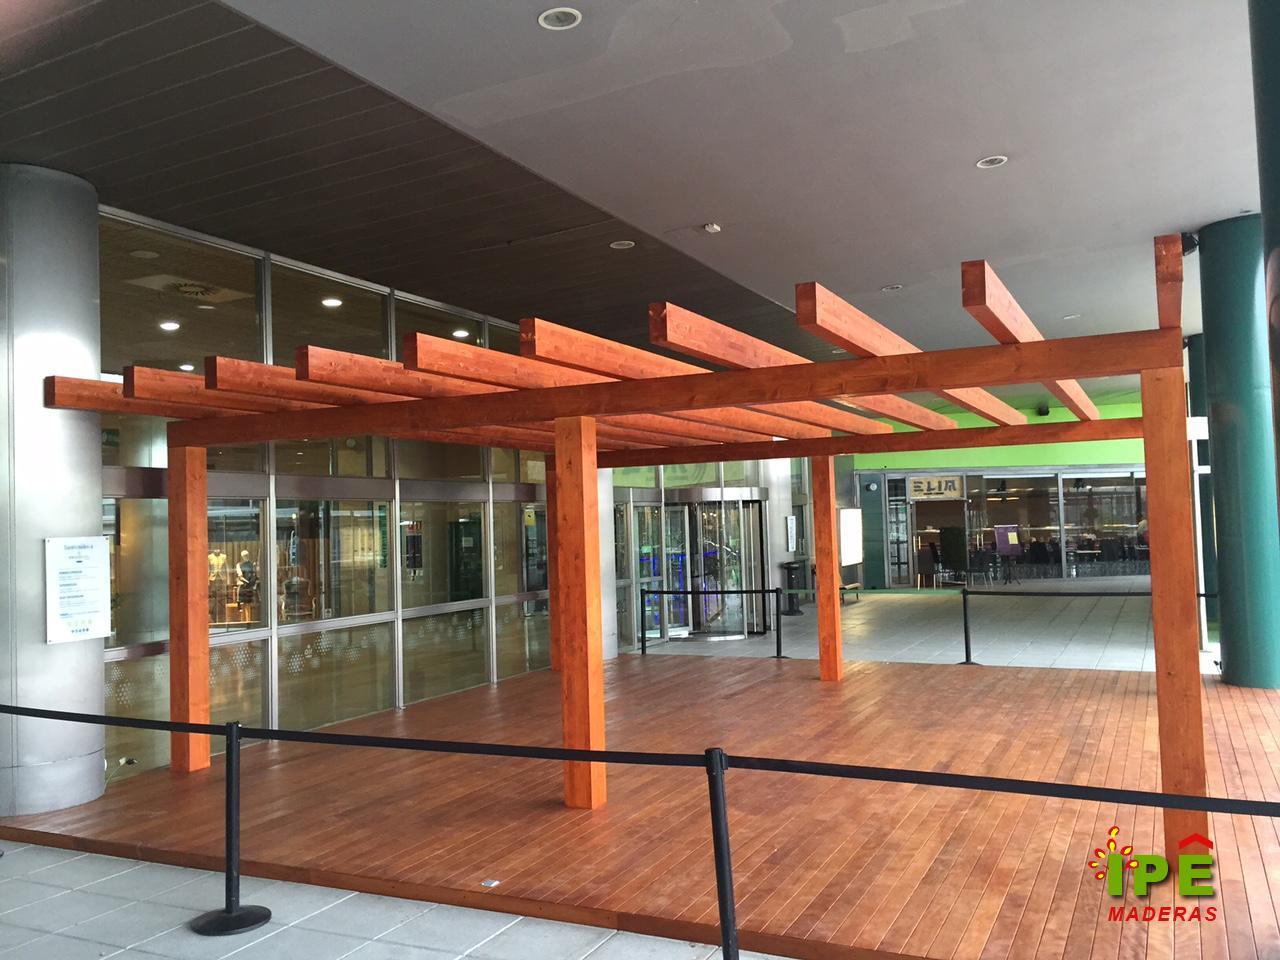 5 nuevos proyectos de tarima exterior ipe maderas - Ipe madera exterior ...